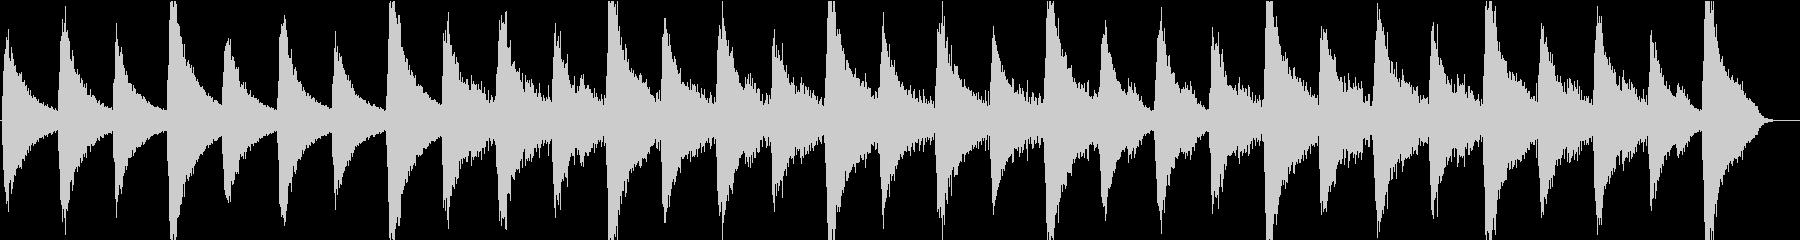 リラクゼーションBGMの未再生の波形